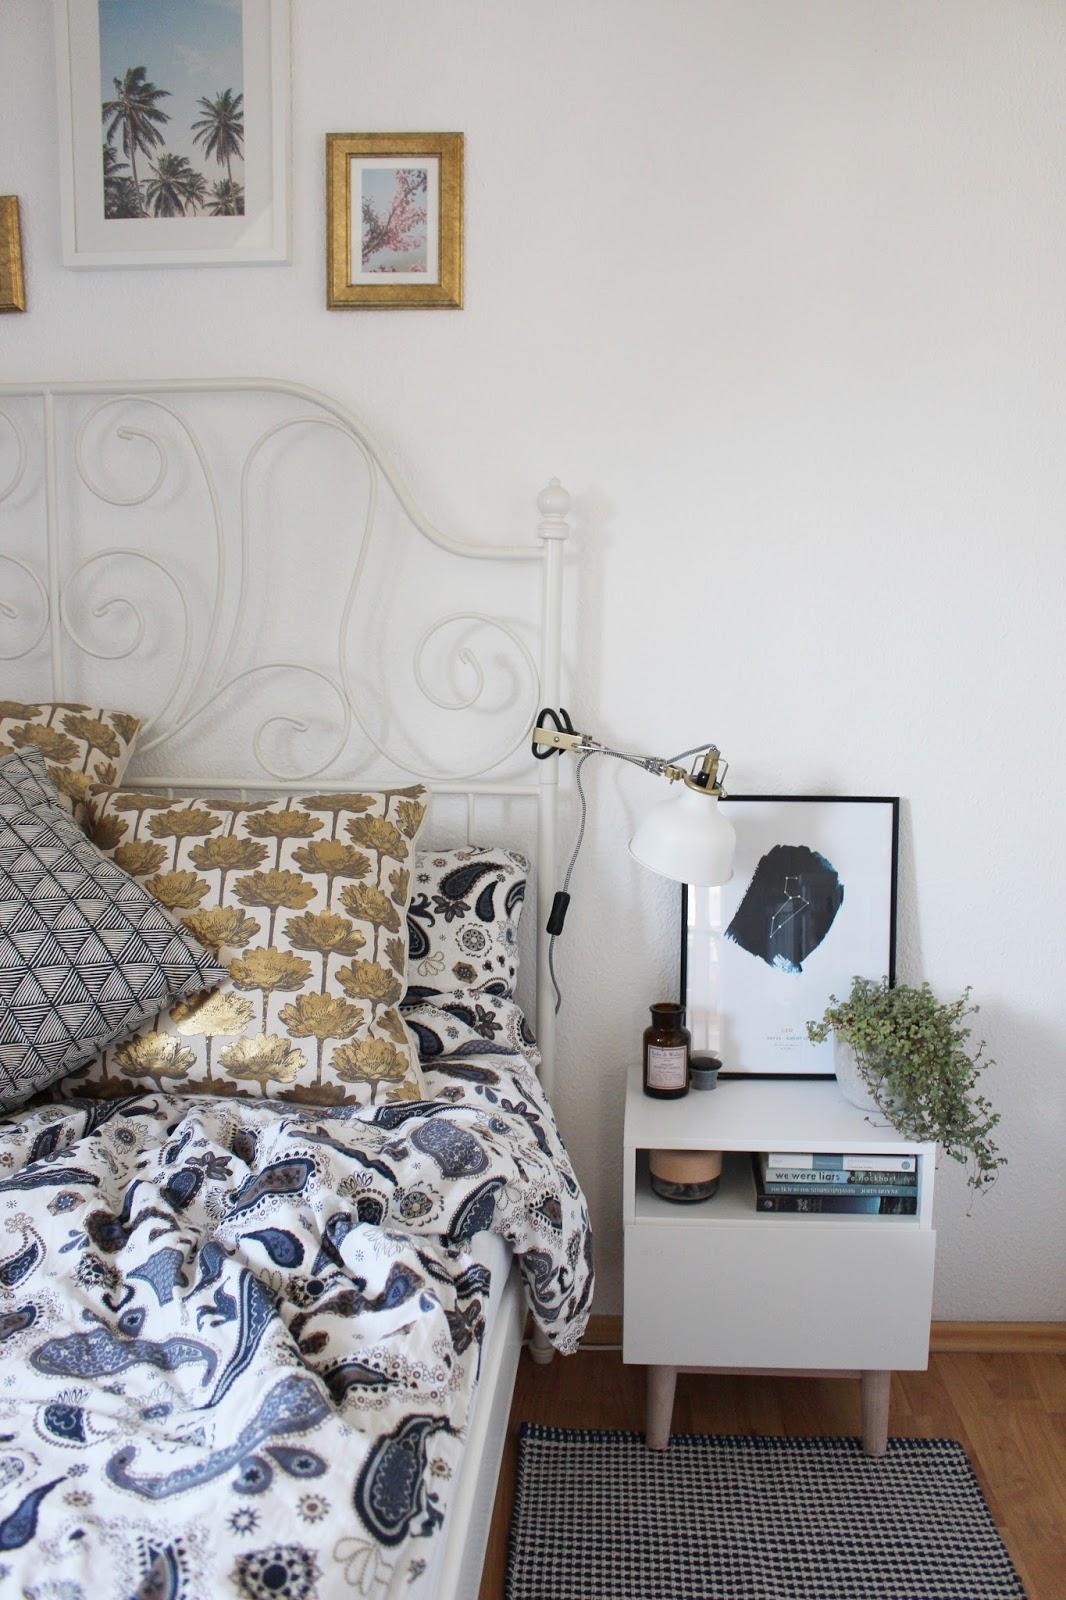 Schlafzimmer Deko: Zwei Ideen für einen gemütlichen Nachttisch ...